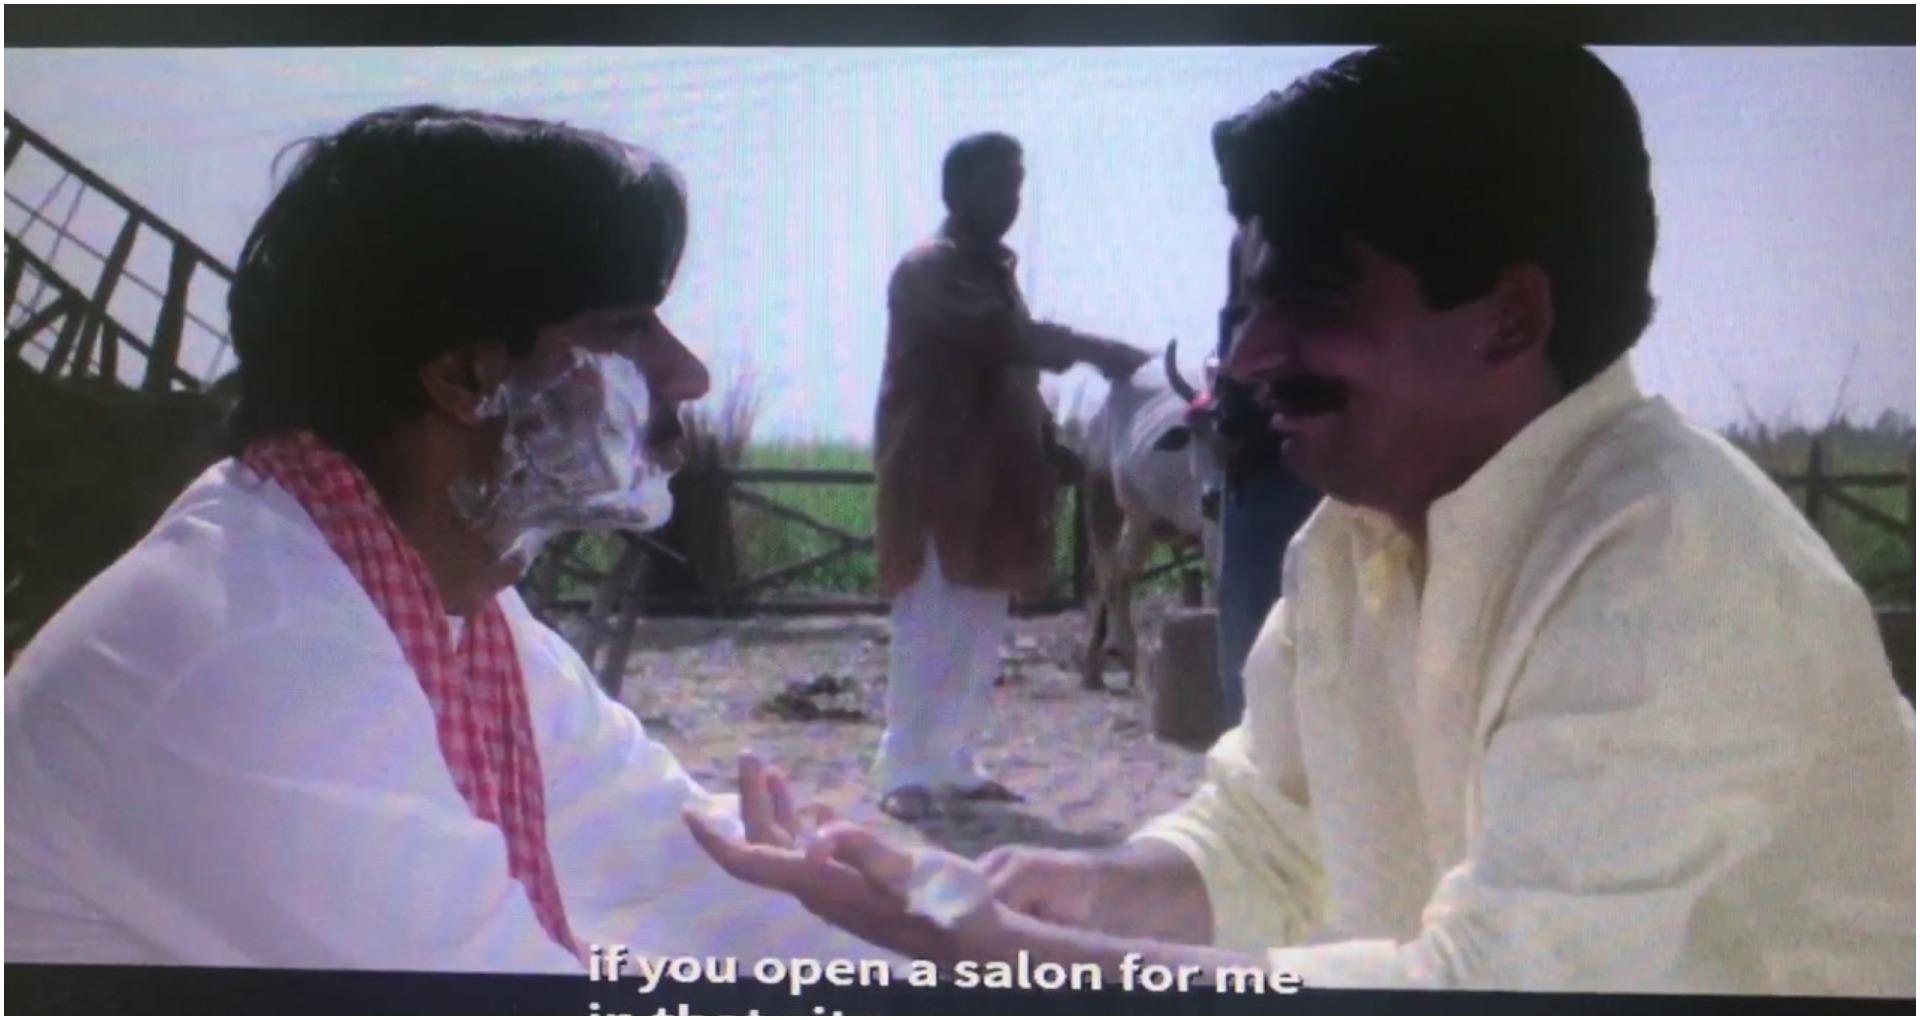 EXCLUSIVE: सुनील ग्रोवर ने बताया ऐसे मिली थी अजय देवगन की फिल्म प्यार तो होना ही था, दिलचस्प किस्सा